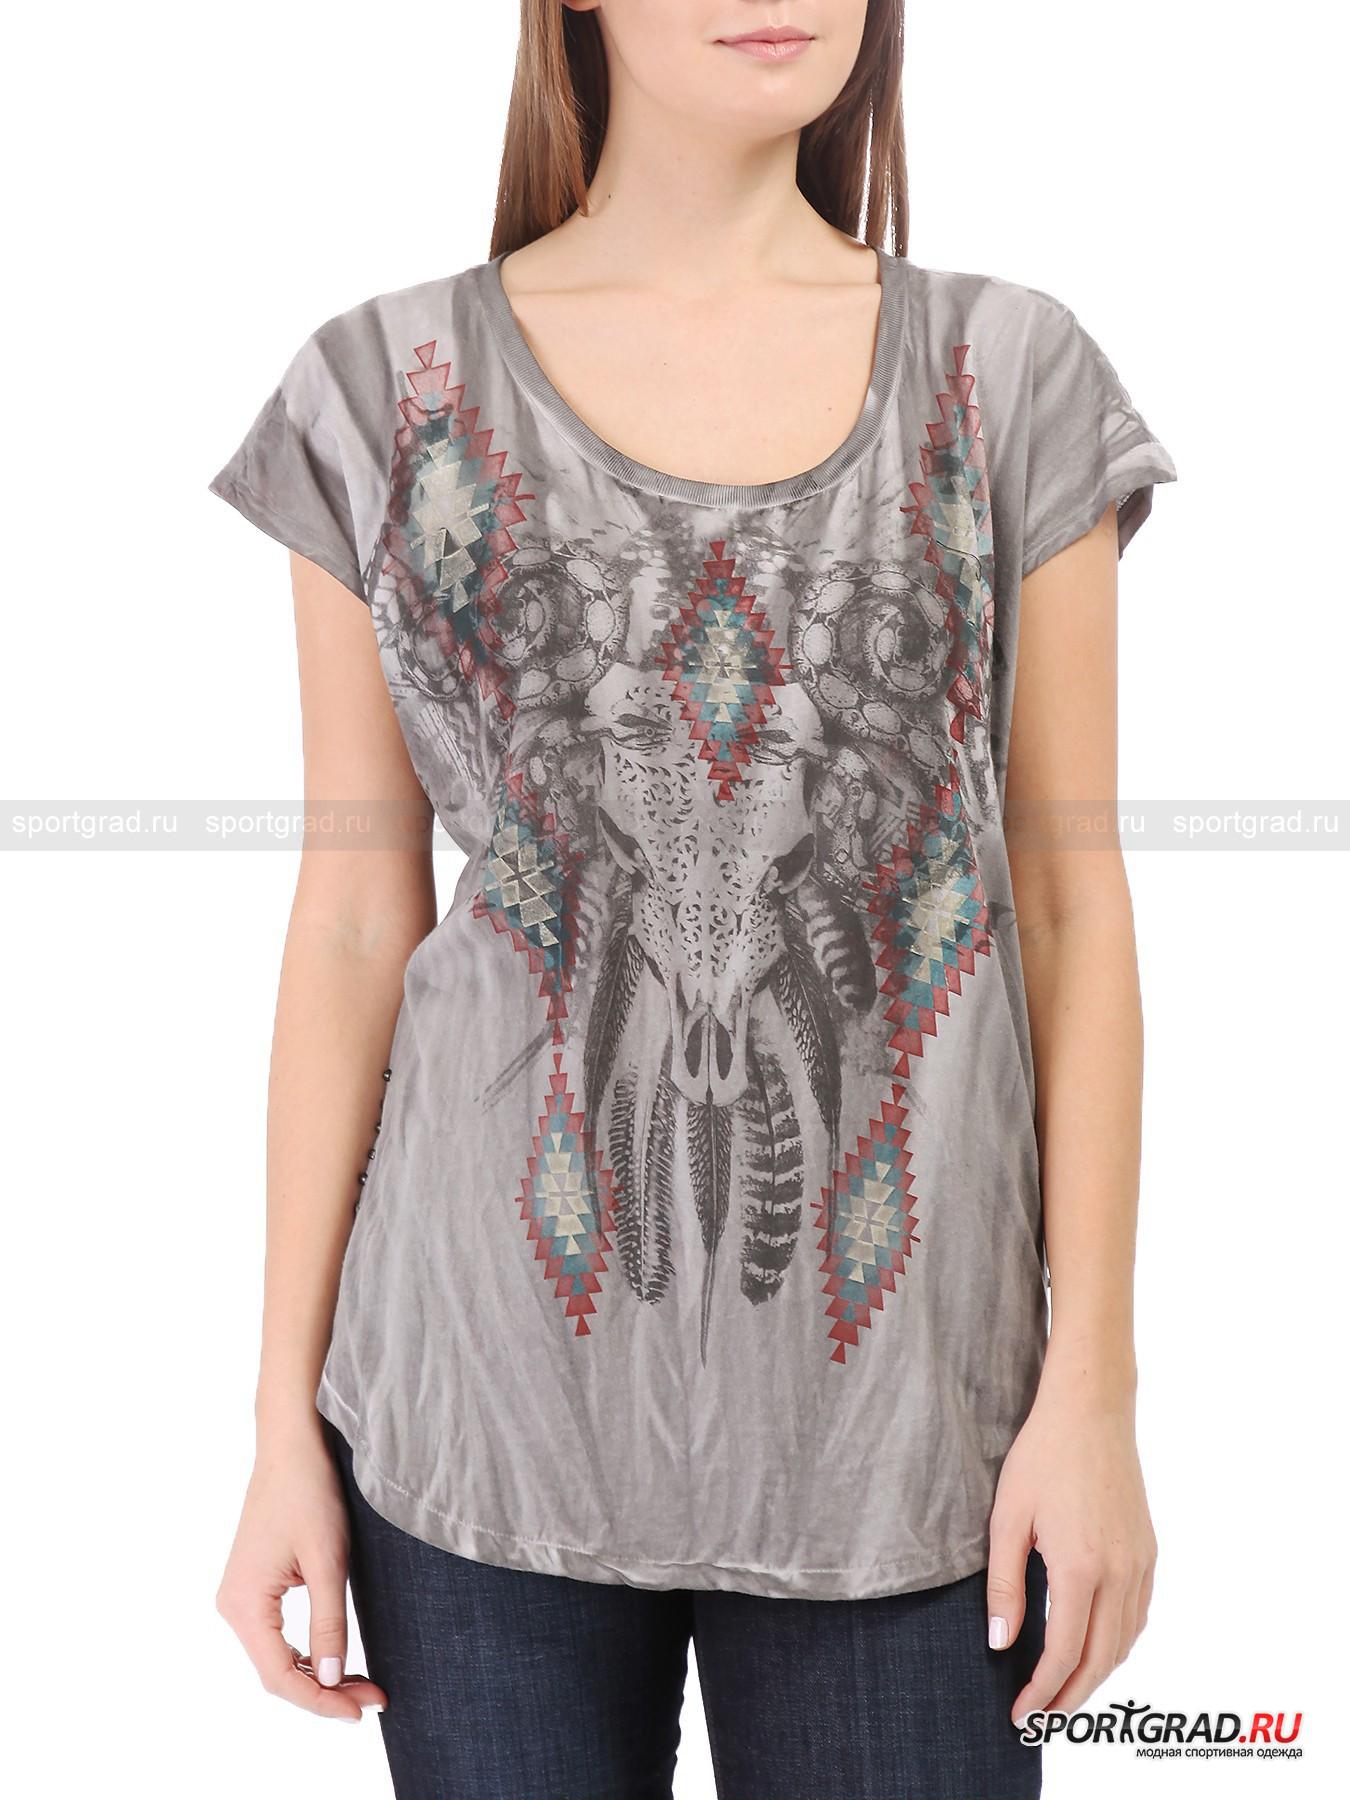 Футболка женская  RUDE RIDERSФутболки<br>В этом сезоне в женской коллекции Rude Riders кроме традиционных черепов и змей присутствуют индейские мотивы, отраженные в принтах и фасонах. И именно таким рисунком украшена эффектная футболка, представленная на этой странице.<br><br>Эта модель широкая  и довольно длинная, она имеет прямой крой и садится свободно. Материал футболки был подвергнут обработке по уникальной технологии «состаривания», благодаря чему приобрел интересный неоднородный цвет и невероятную мягкость. Изделие сшито всего из двух кусков ткани, рукава здесь цельнокроеные. По бокам вещь украшена рядами заклепок.<br><br>Пол: Женский<br>Возраст: Взрослый<br>Тип: Футболки<br>Рекомендации по уходу: стирка в теплой воде до 30 С; не отбеливать; гладить слегка нагретым утюгом (температура до 110 C); разрешена сухая химическая чистка; нельзя выжимать и сушить в стиральной машине<br>Состав: 100% хлопок